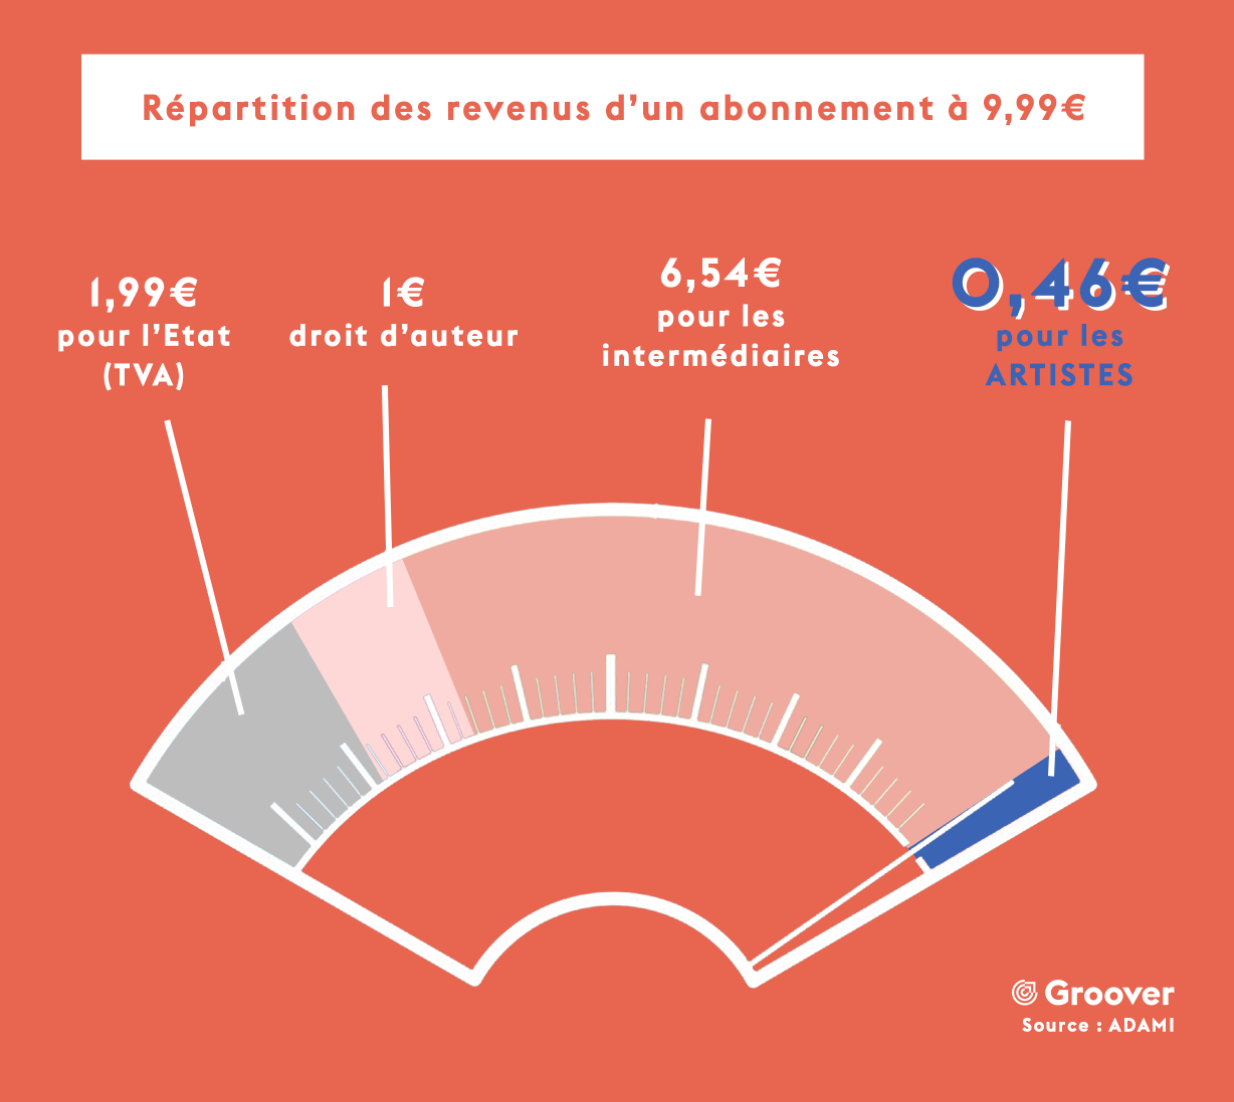 Répartition des revenus d'un abonnement streaming à 9,99€